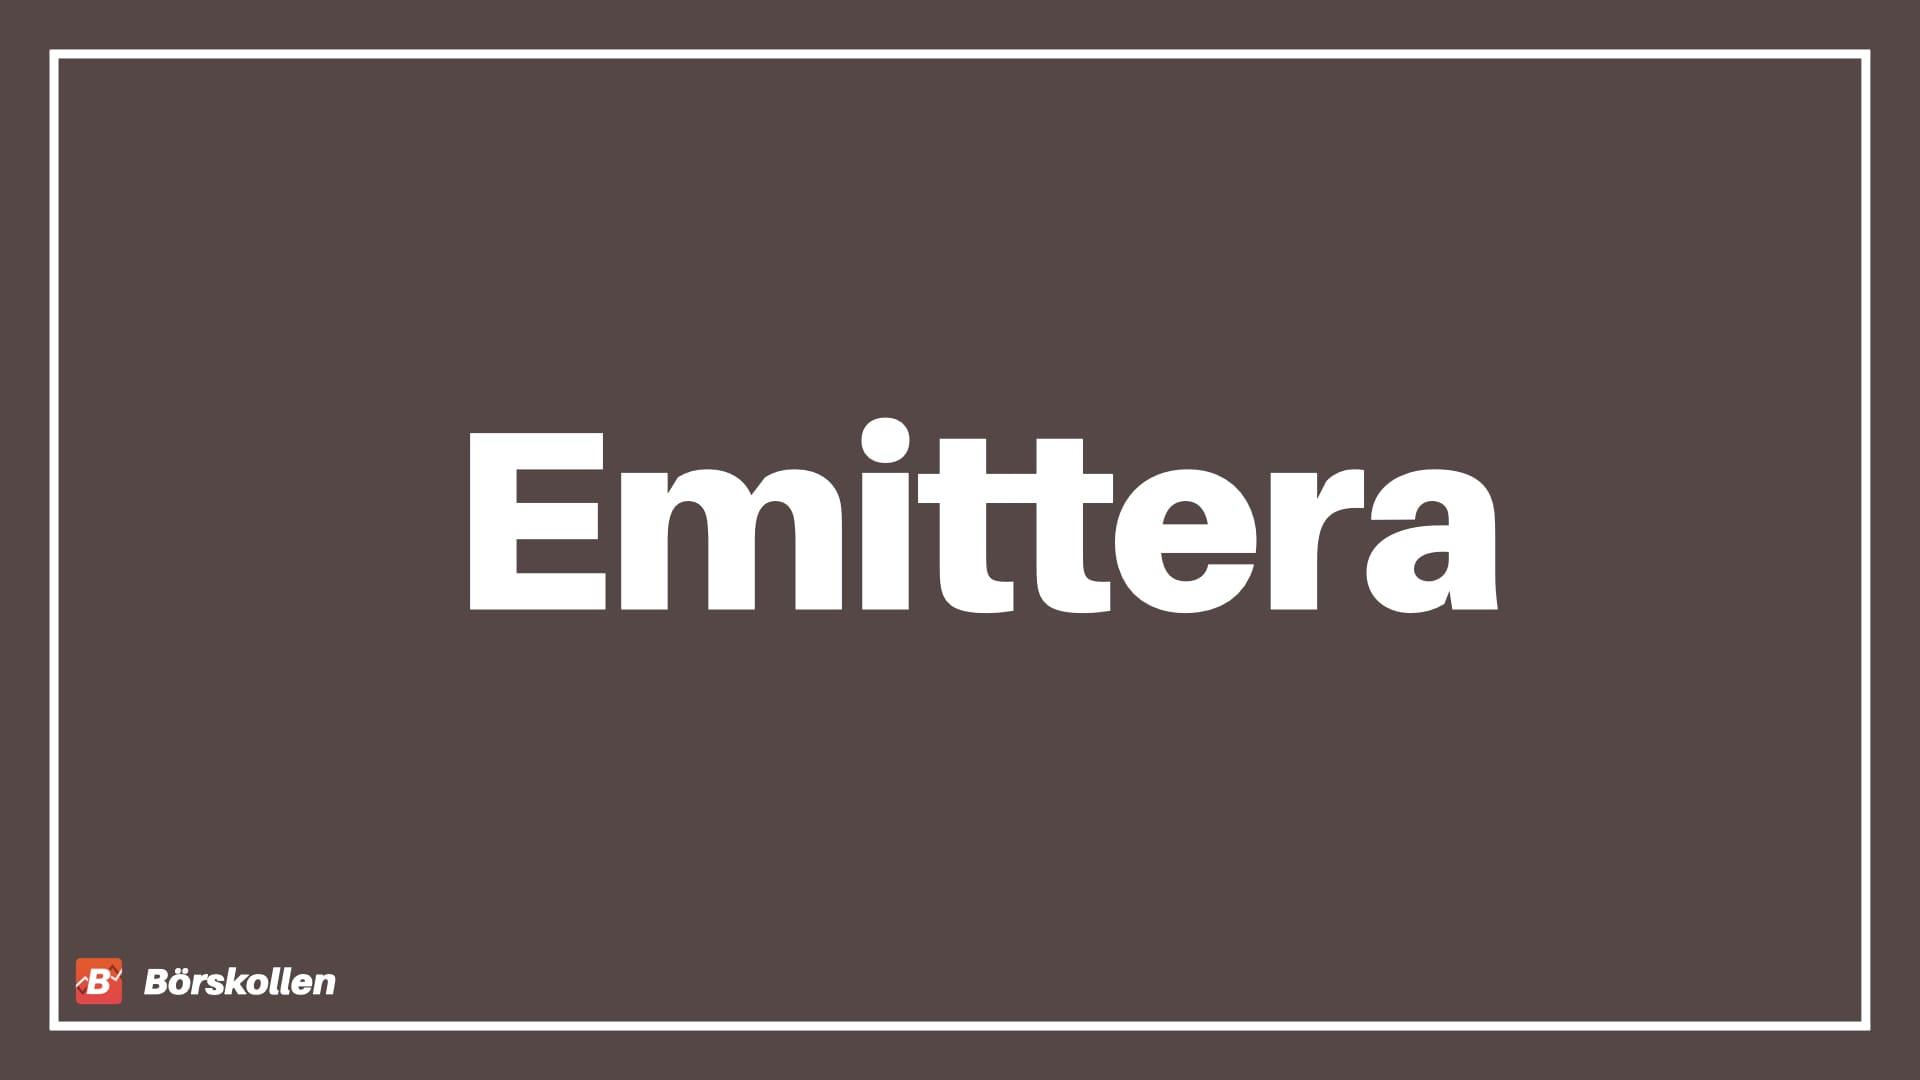 Emittera - när ett företag släpper nya aktier